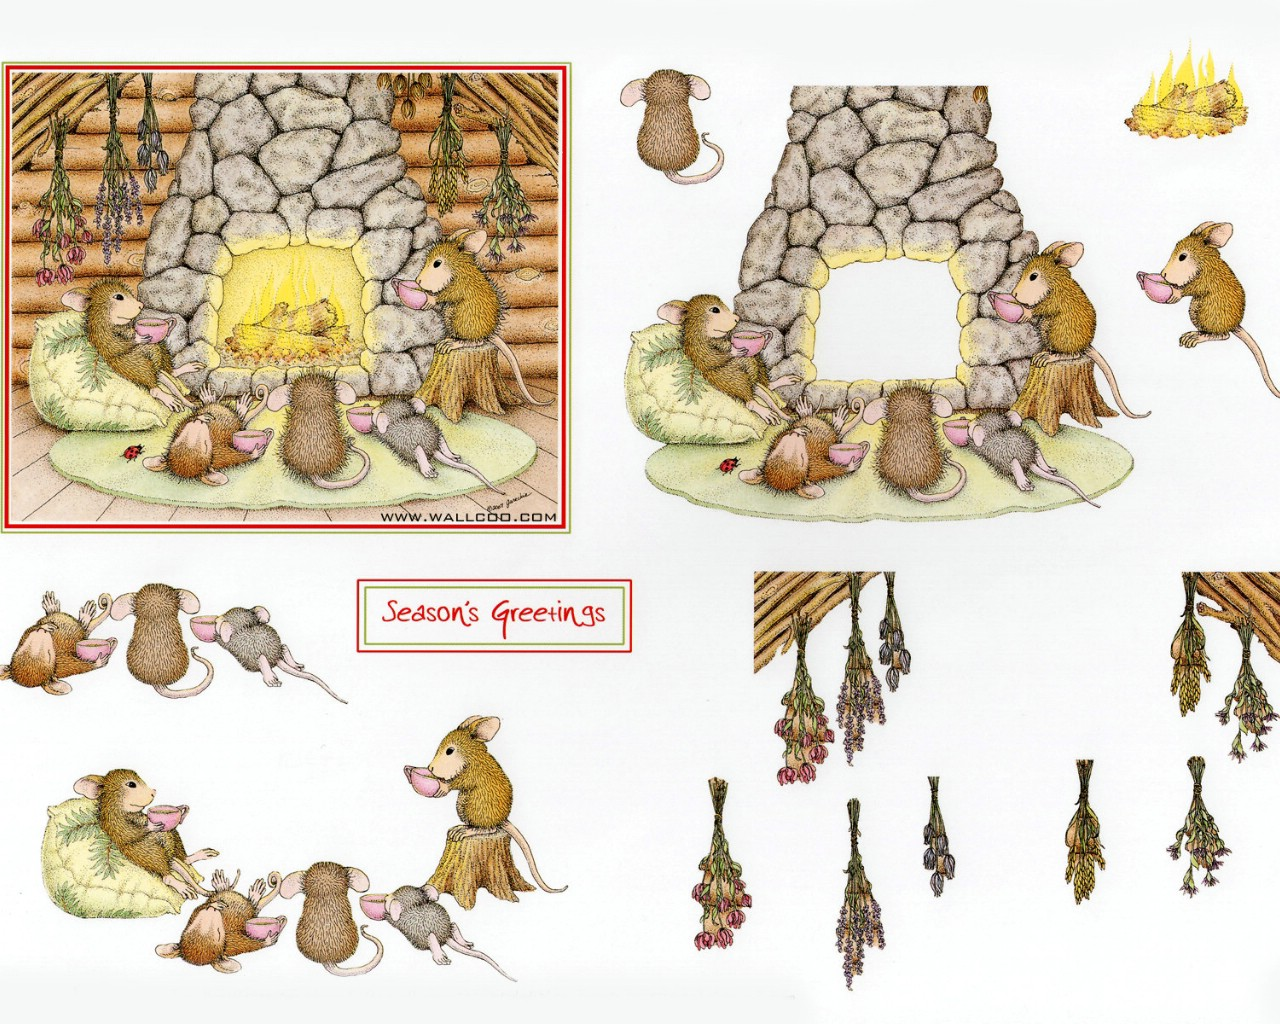 壁纸1280×1024温馨一家 可爱小老鼠插画原画壁纸,鼠鼠一家-温馨小